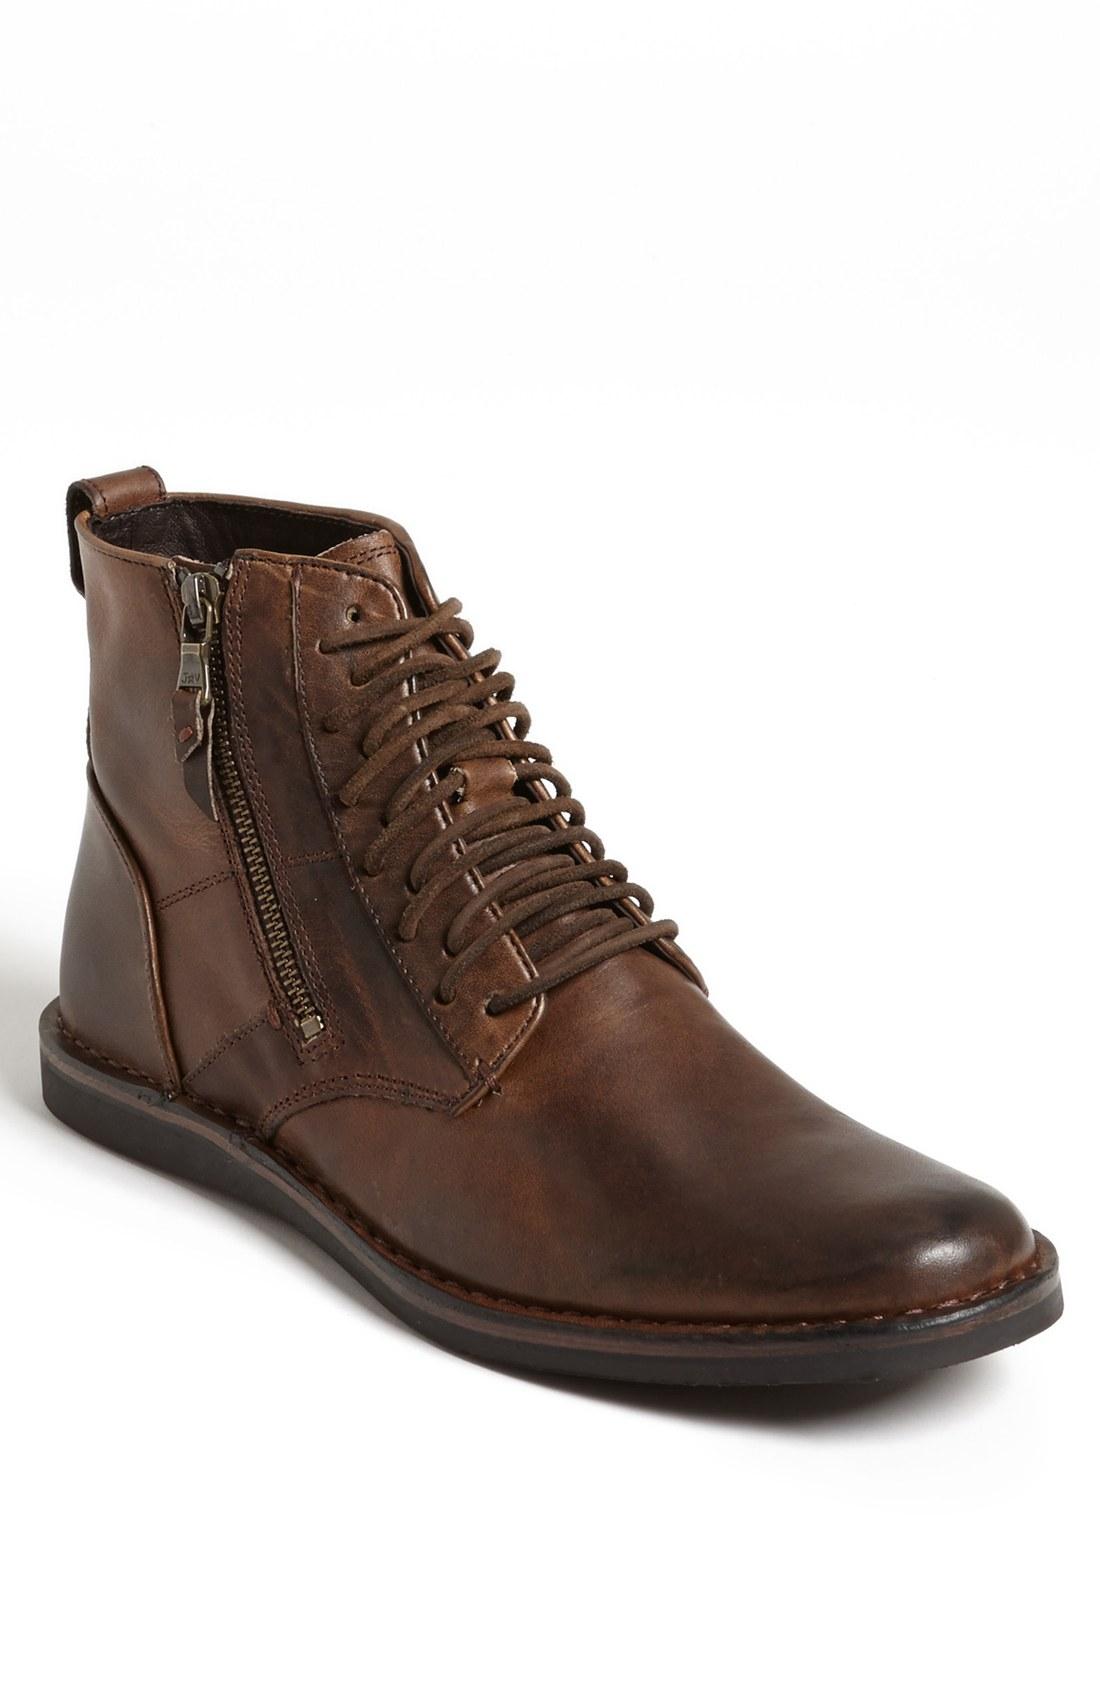 mens designer shoes sale nordstrom autos post. Black Bedroom Furniture Sets. Home Design Ideas